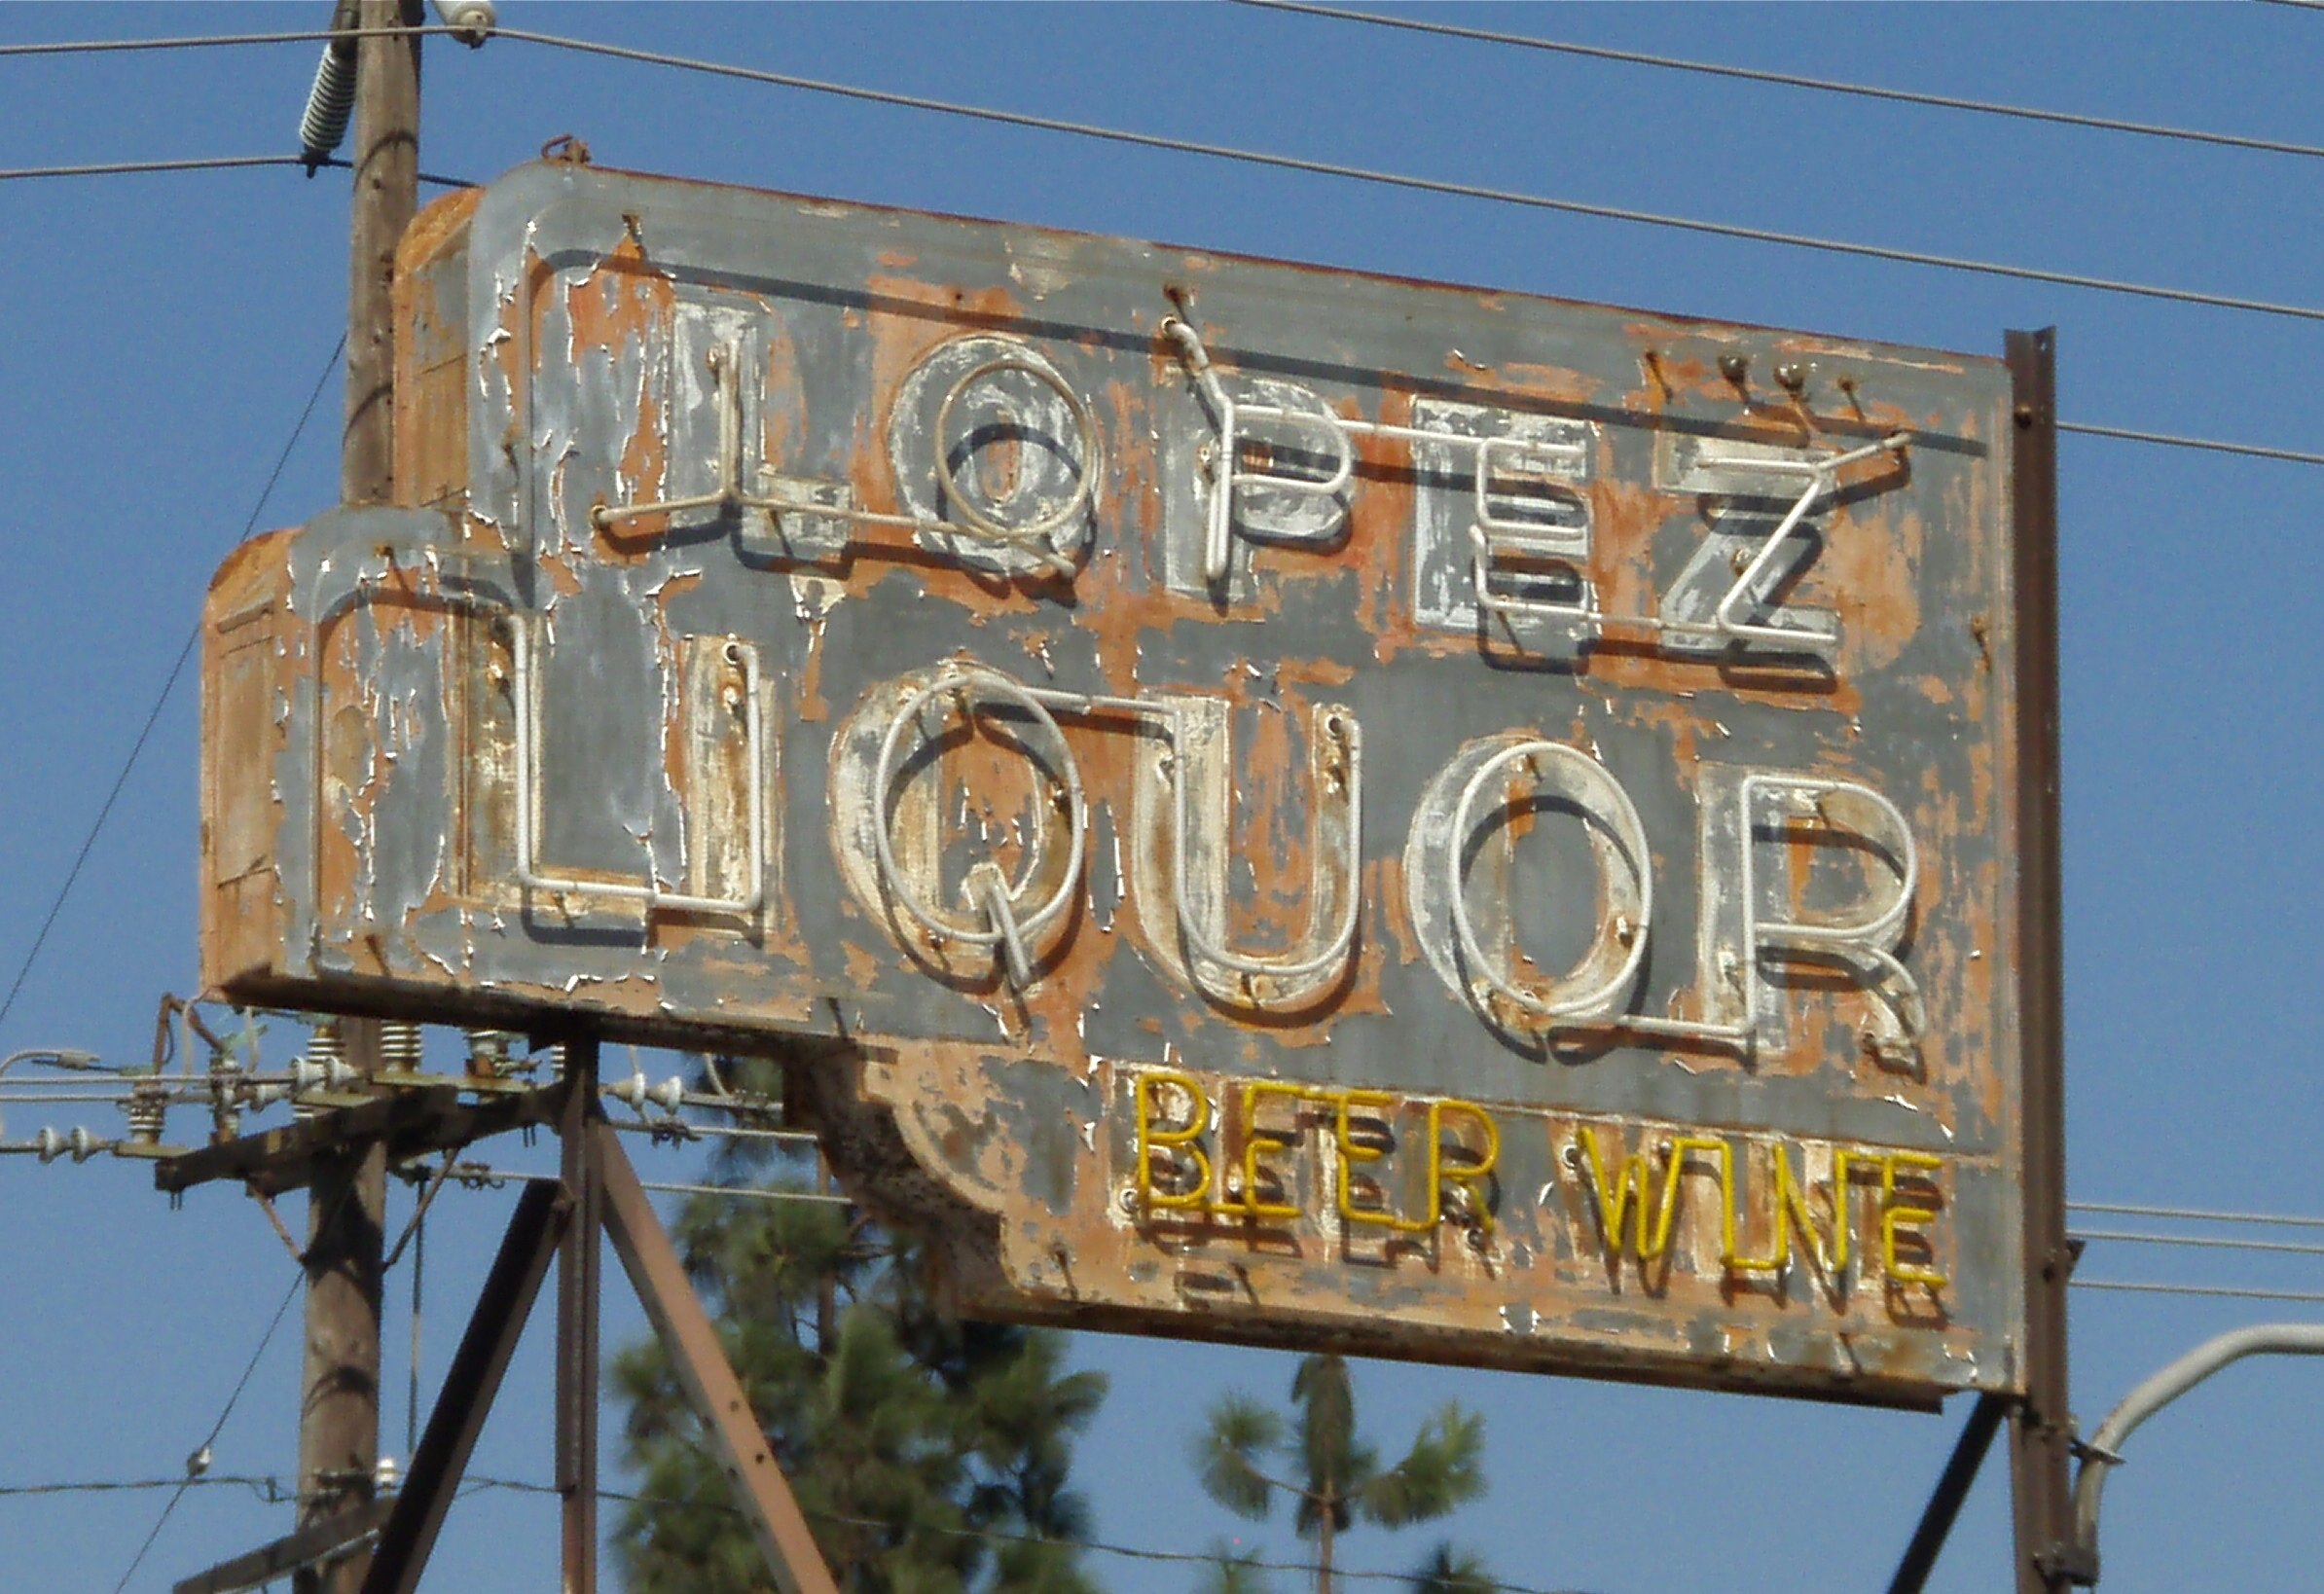 Lopez Liquor (Fairplex Liquor) - 1922 Fairplex Drive, La Verne, California U.S.A. - September 21, 2011